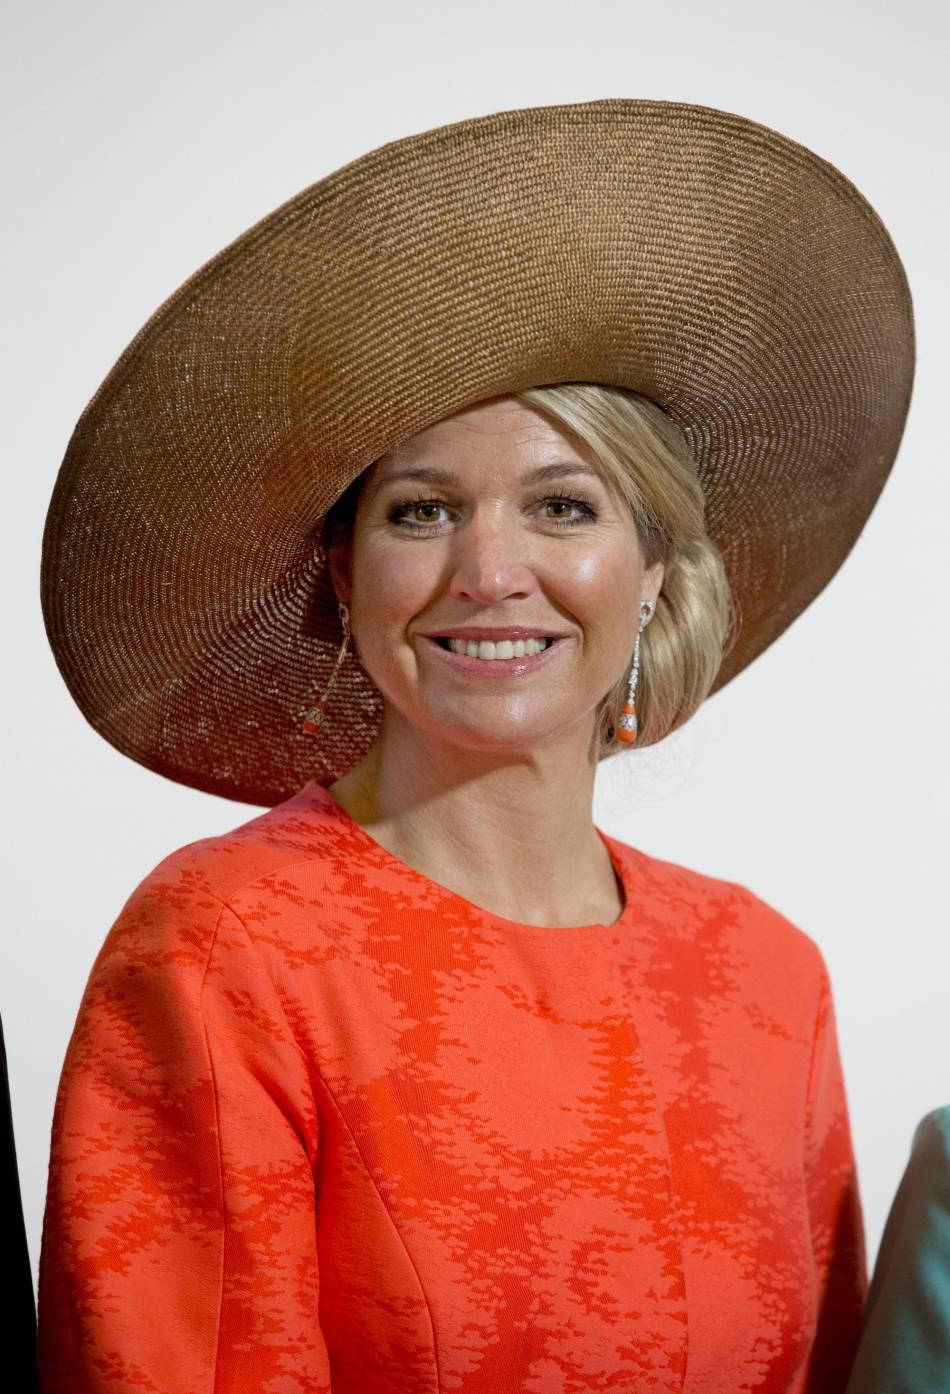 Maxima des Pays-Bas a porté ce chapeau XL pour la septième fois de son règne.